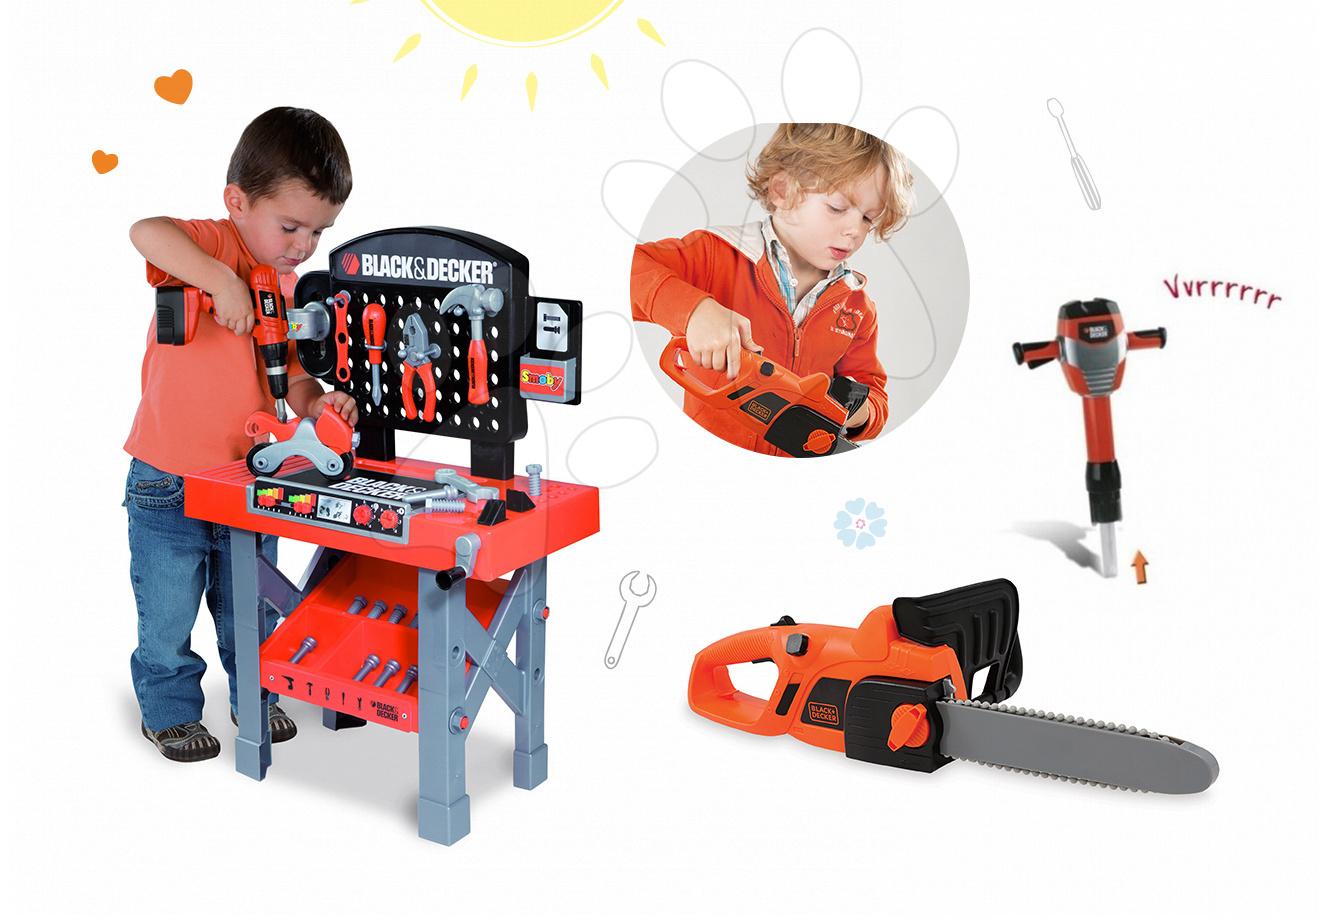 Smoby pracovná dielňa pre deti Black&Decker a elektronická píla 500205-1